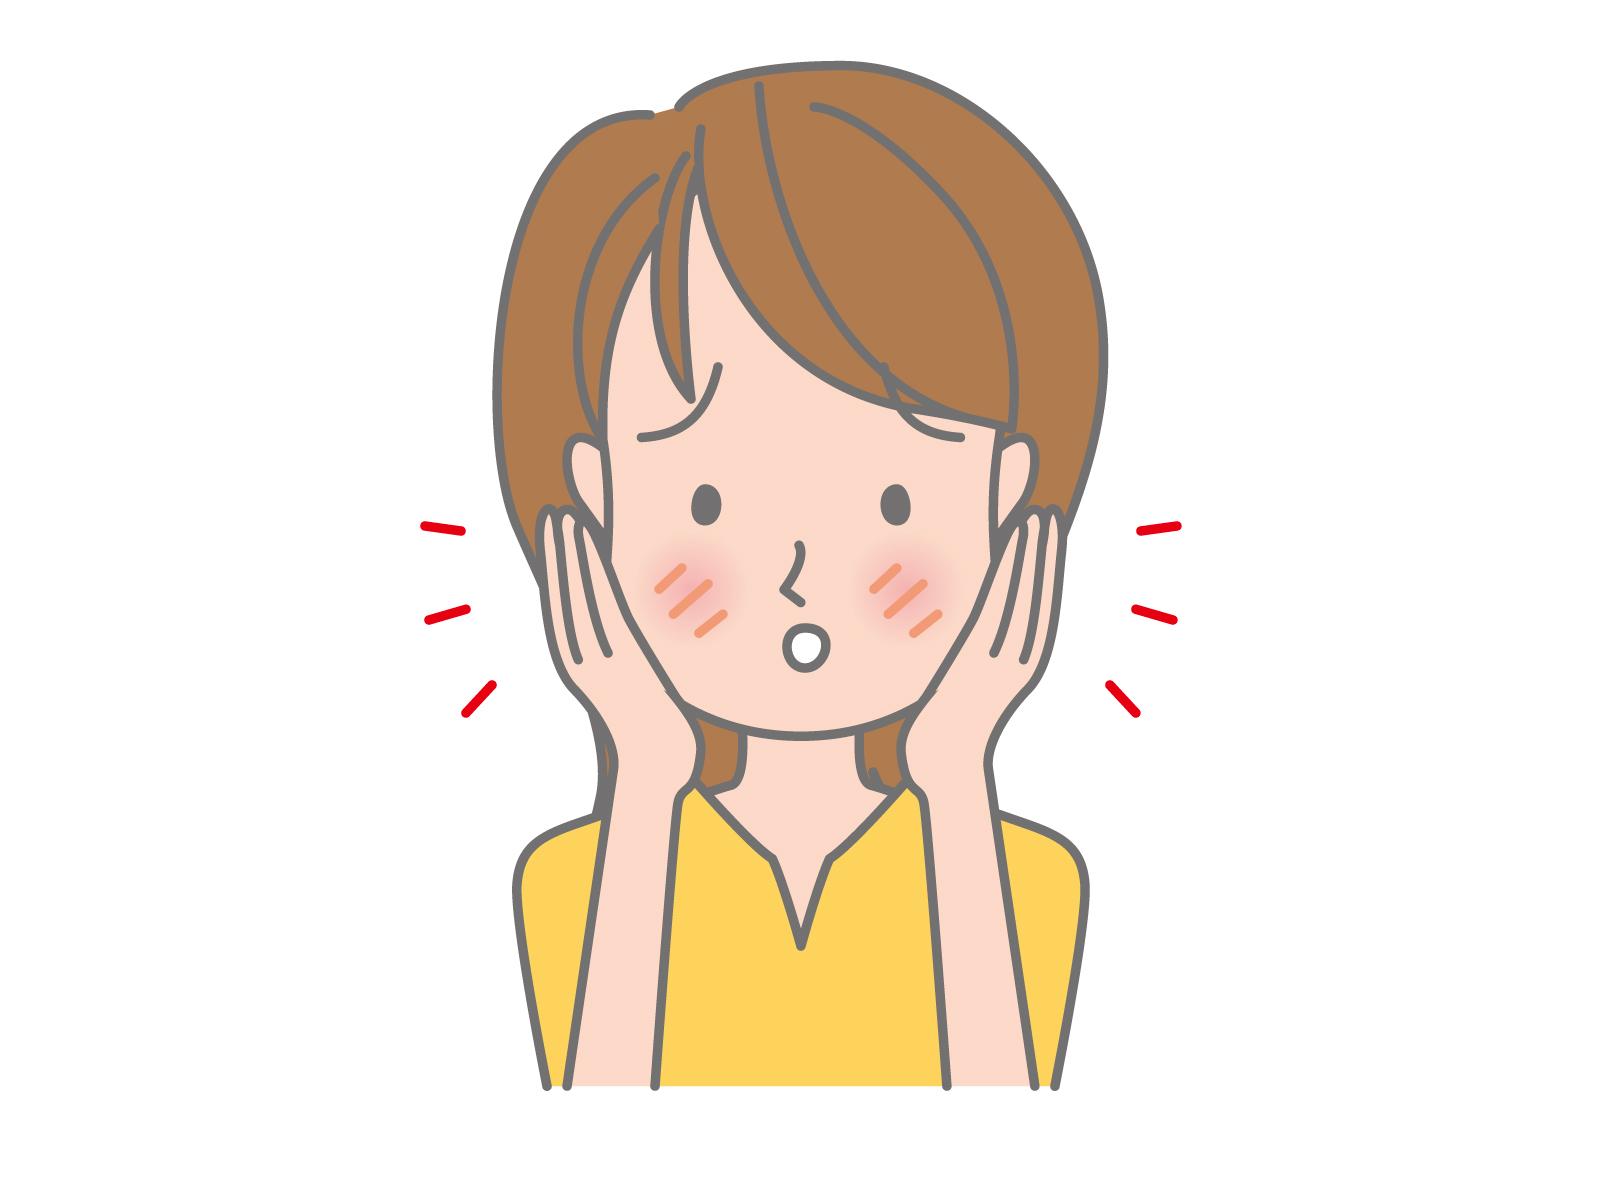 花粉症によるむくみの原因と対策:体重増加は薬の影響?